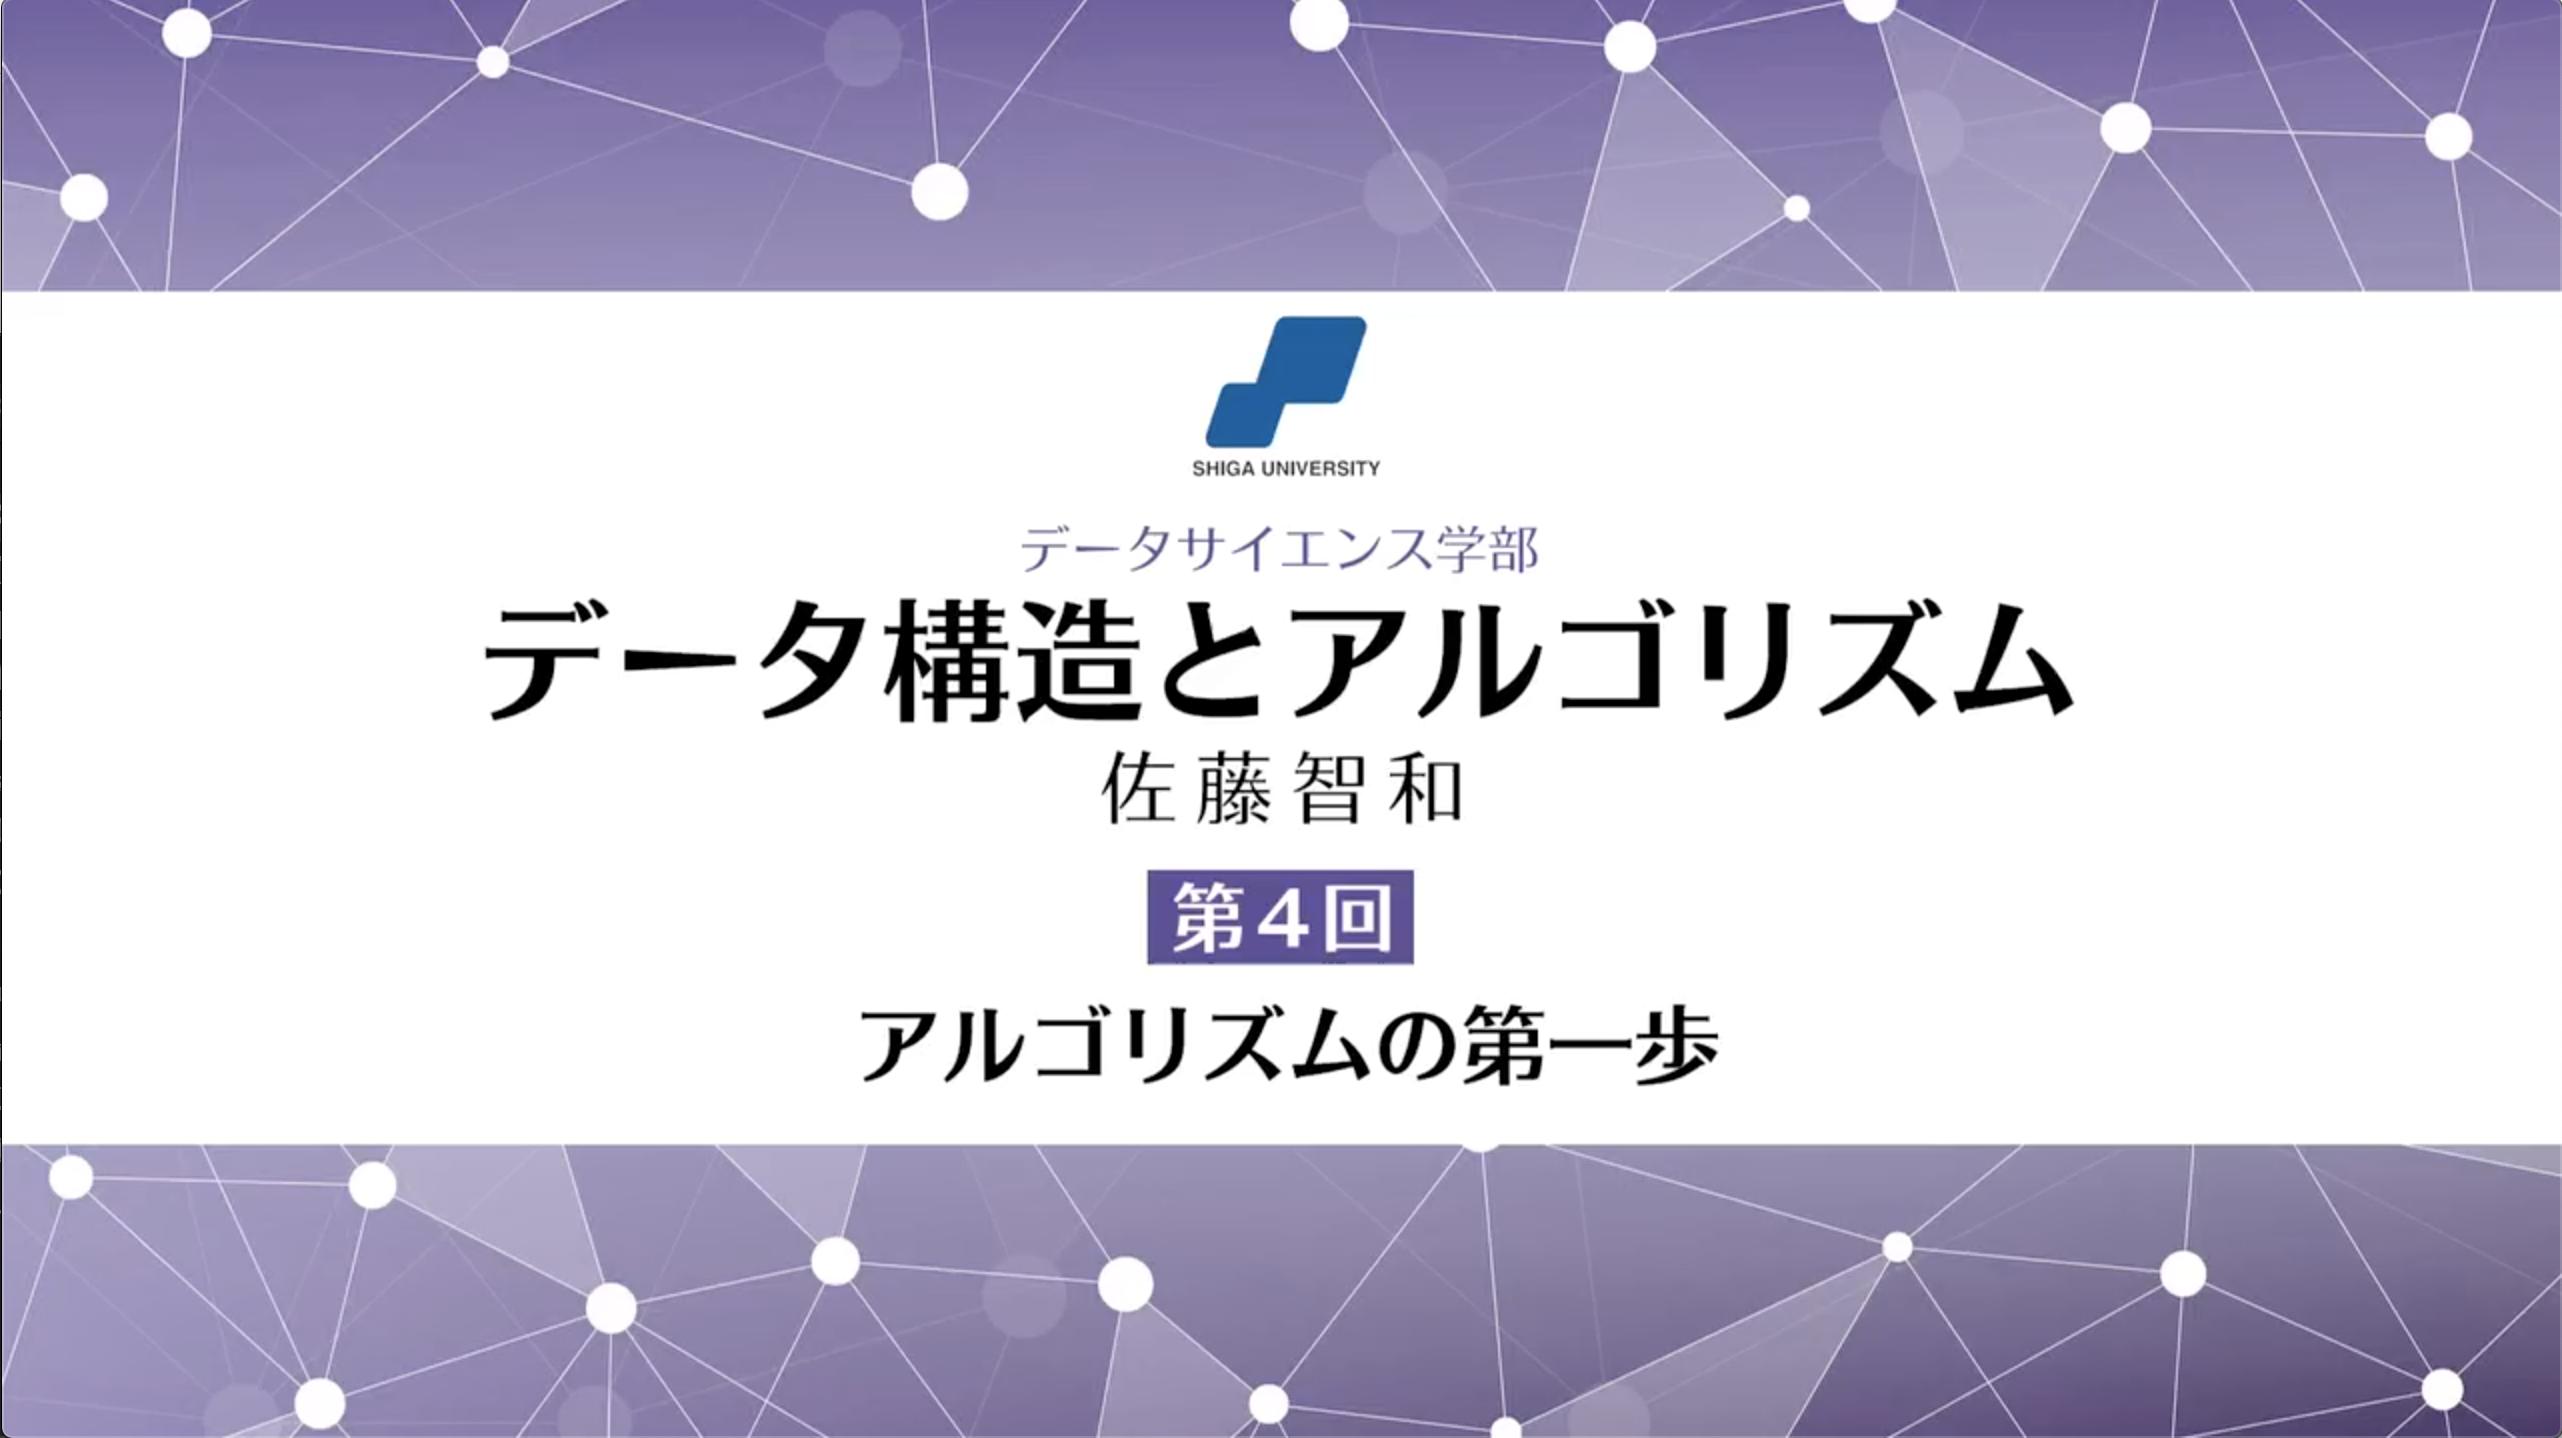 サイエンス 横浜 市立 大学 学部 データ